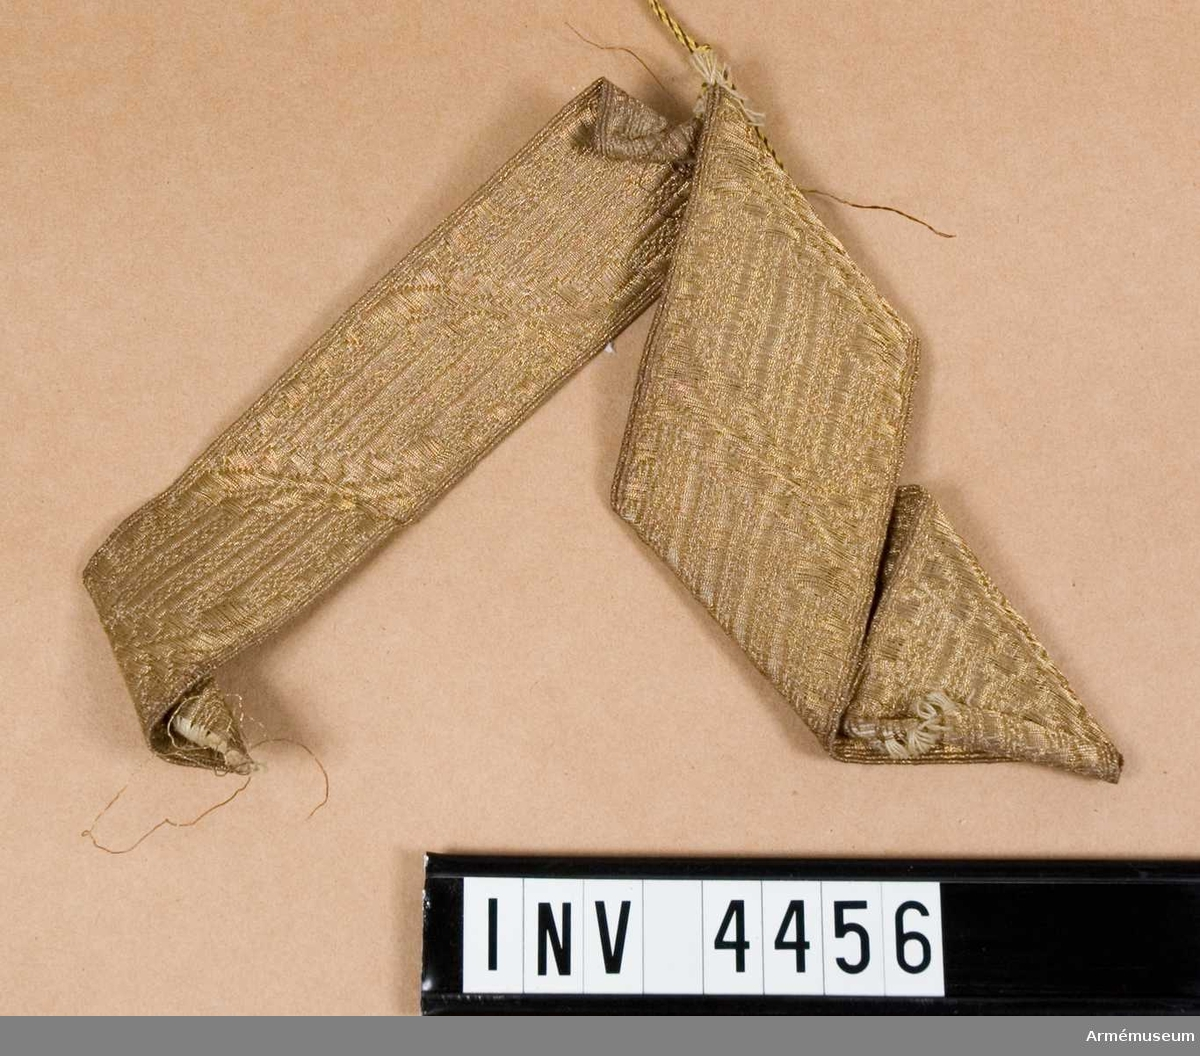 """Galon m/1939, generalsperson.Av gulddragartråd som är spunnen runt textilmaterial, förgylld efter spinning och endast å en sida. Förgyllningen skall vara 5 gr guld per kg tråd. Gjordes i två bredder: 30/40 mm. Den bredare anbringas å axelklaff och skall därvid täcka denna helt. Den smalare ingår i mössmärke t fältmössa m/1939. Galonen sys fast i en vinkel på ett underlag av tyg i samma kvalité/ färg som mössan. Märket anbringas m sin underkant i höjd m uppslagets överkant. Vidhängande etikett anger fastställelsedag: """"Stockholm Slott den 22. september 1939 Per Edvin Sköld /Henry Kellgren""""."""